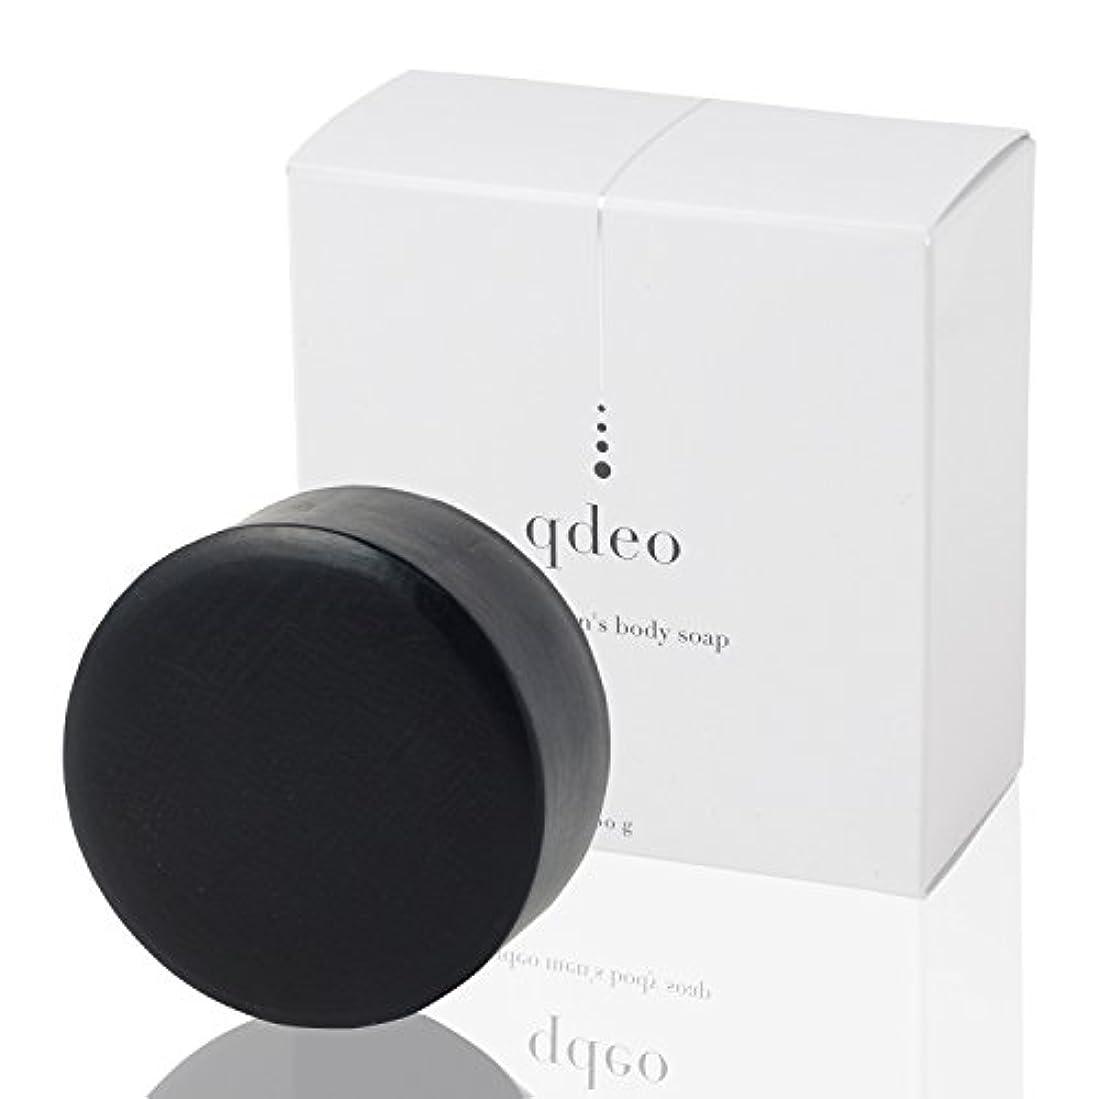 くさびくま本能クデオ メンズ ボディソープ 100g 石鹸 固形 体臭 ワキガ 足の臭い 加齢臭 デリケートゾーン